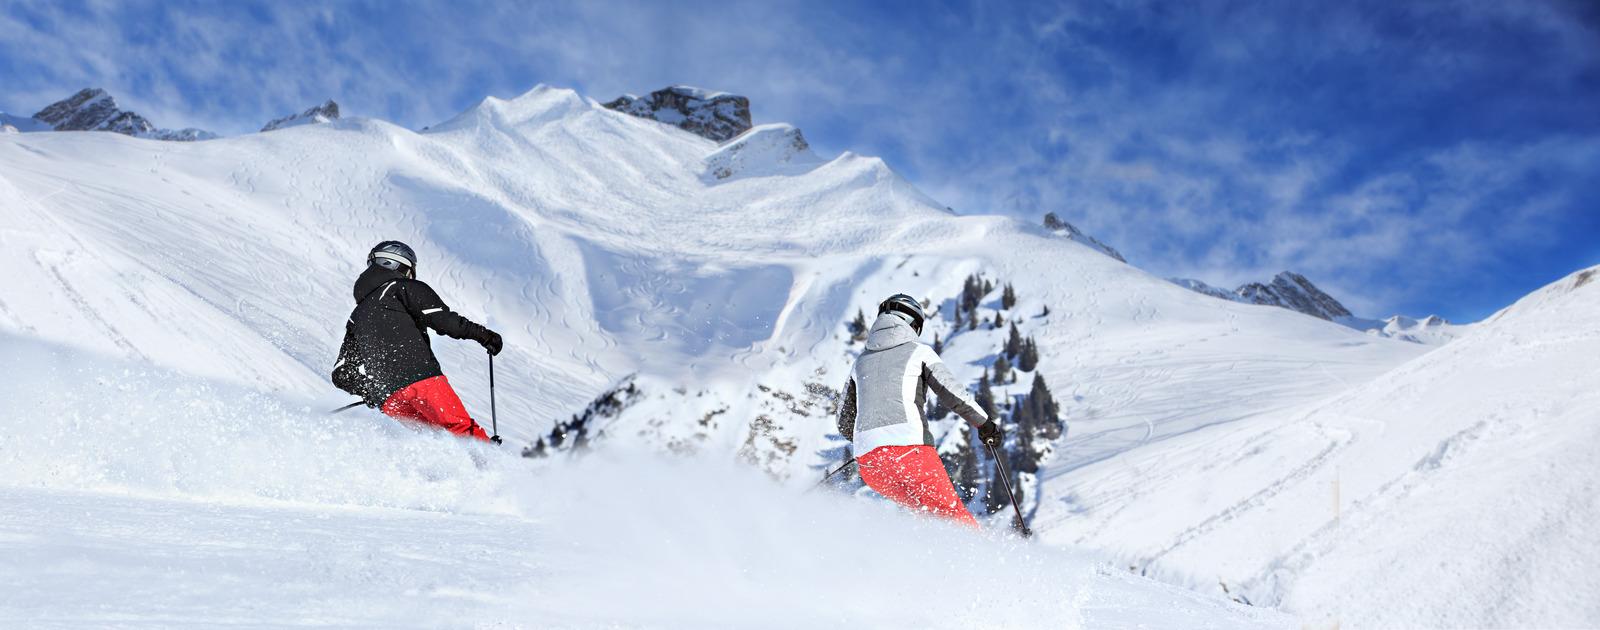 Cours de ski freeride expert